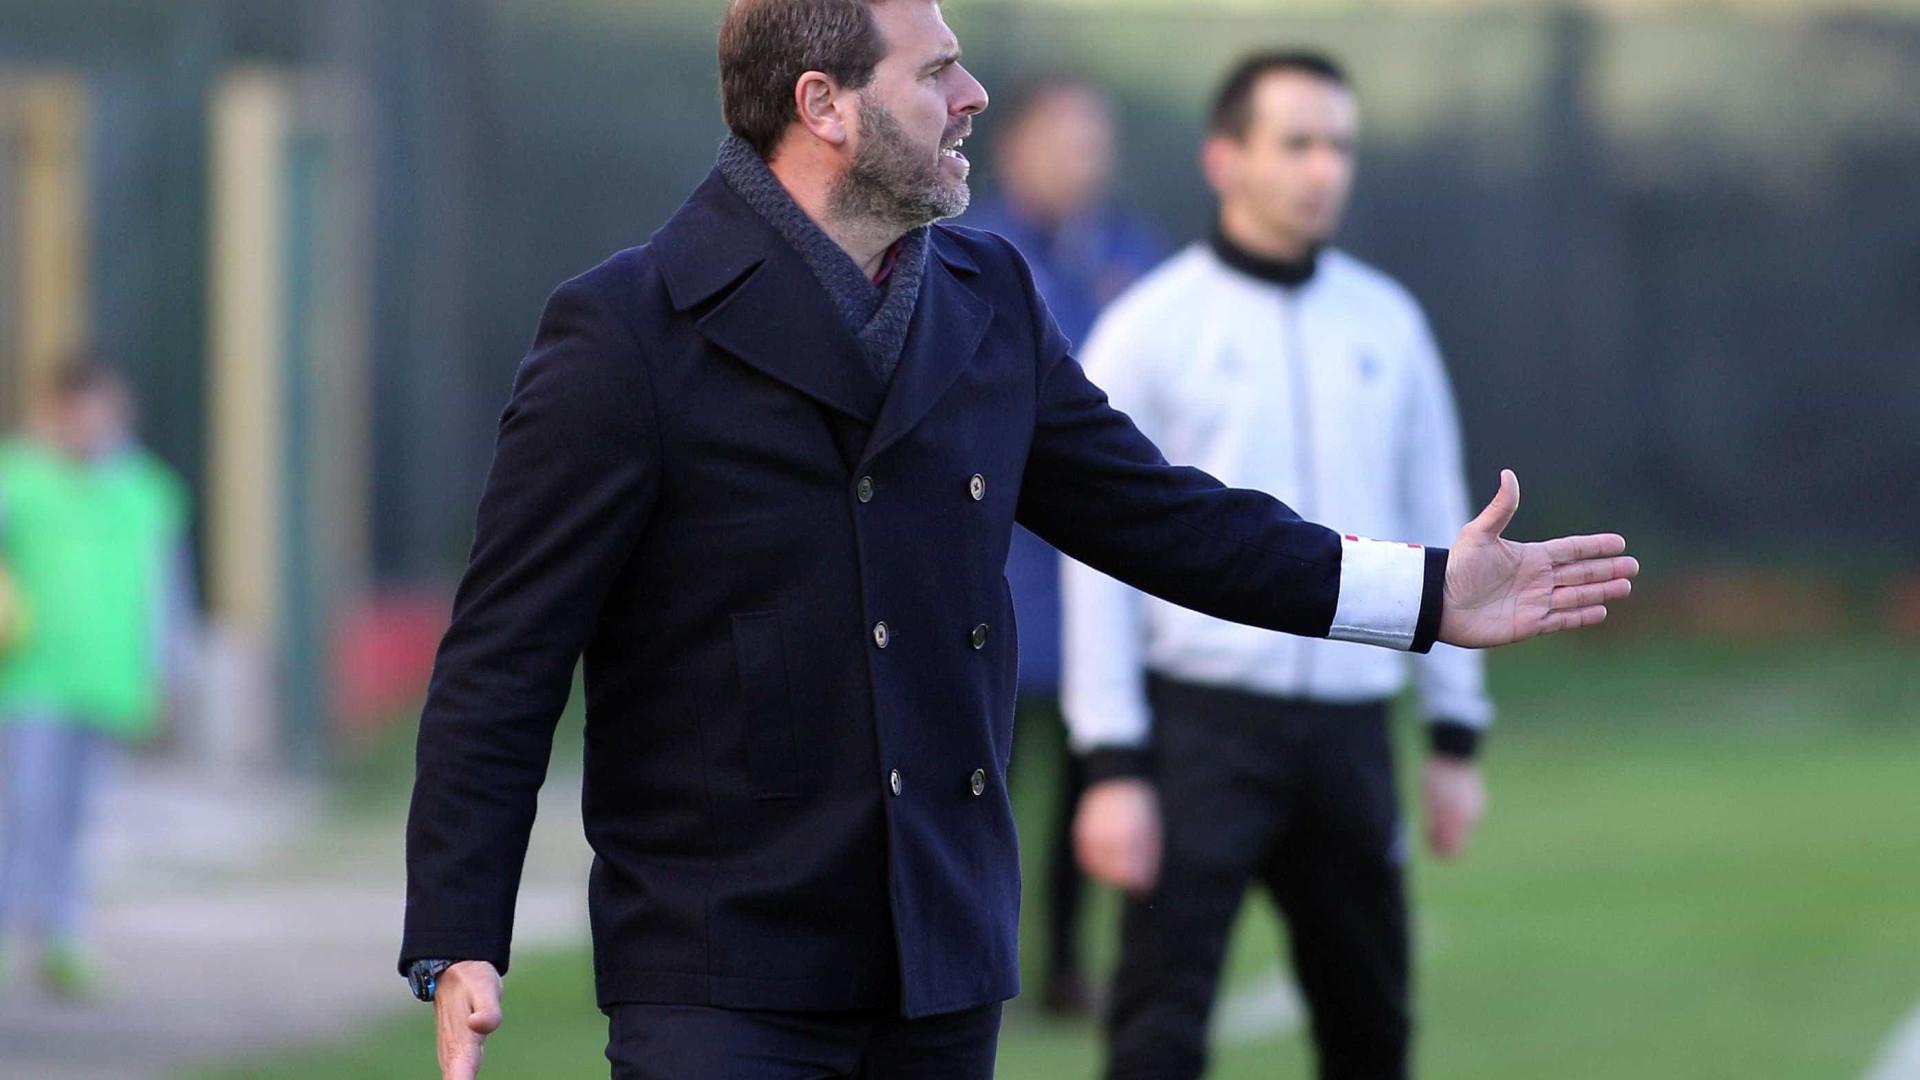 OFICIAL: João Henriques é o novo treinador do Paços de Ferreira